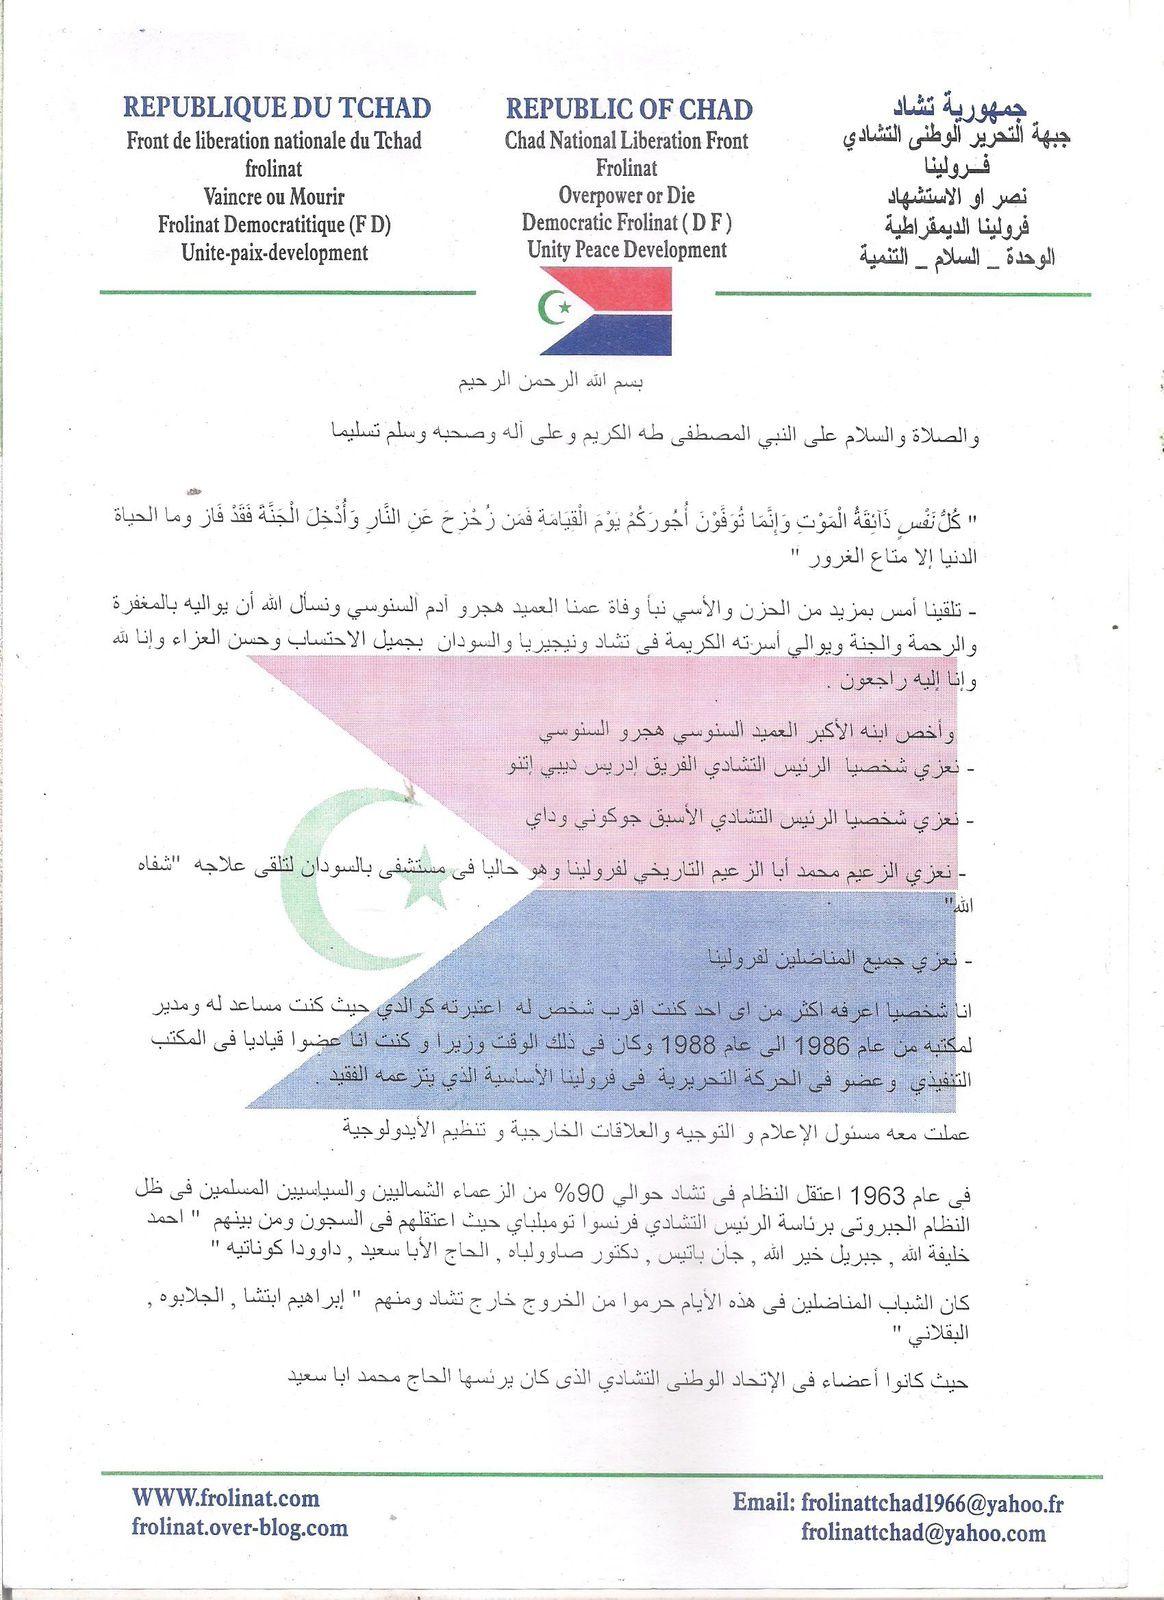 Le FROLINAT rend hommage au révolutionnaire Hadjaro Adam Senoussi